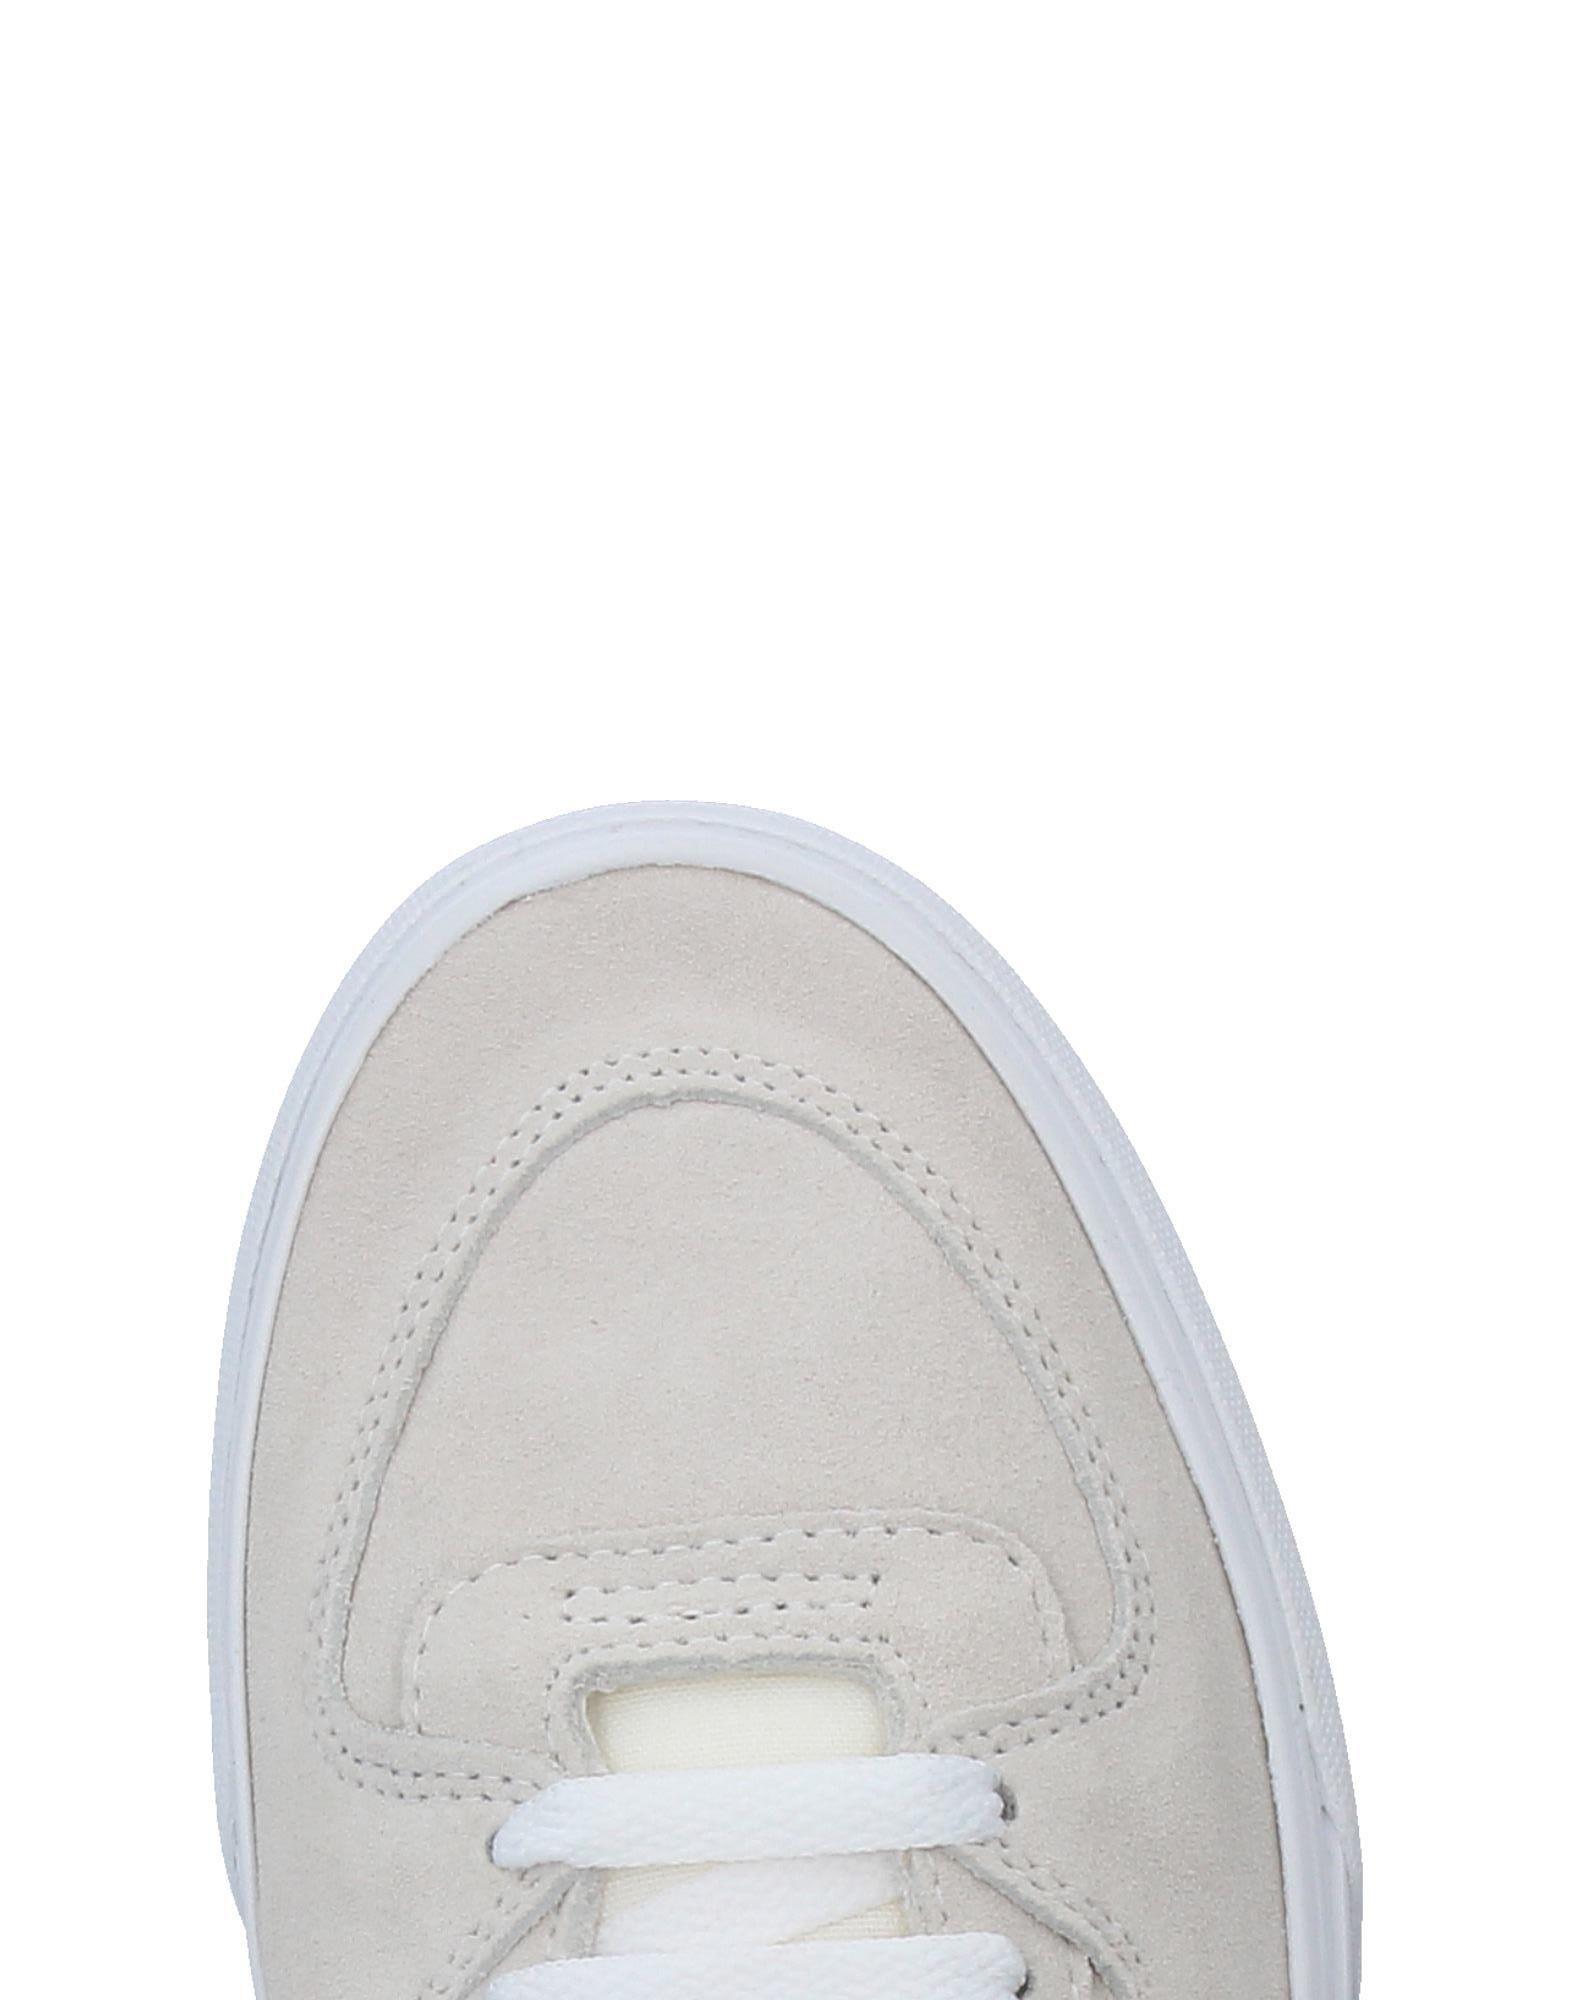 Rabatt echte Schuhe Schuhe echte Vans Sneakers Herren  11393681EP 7e99c7